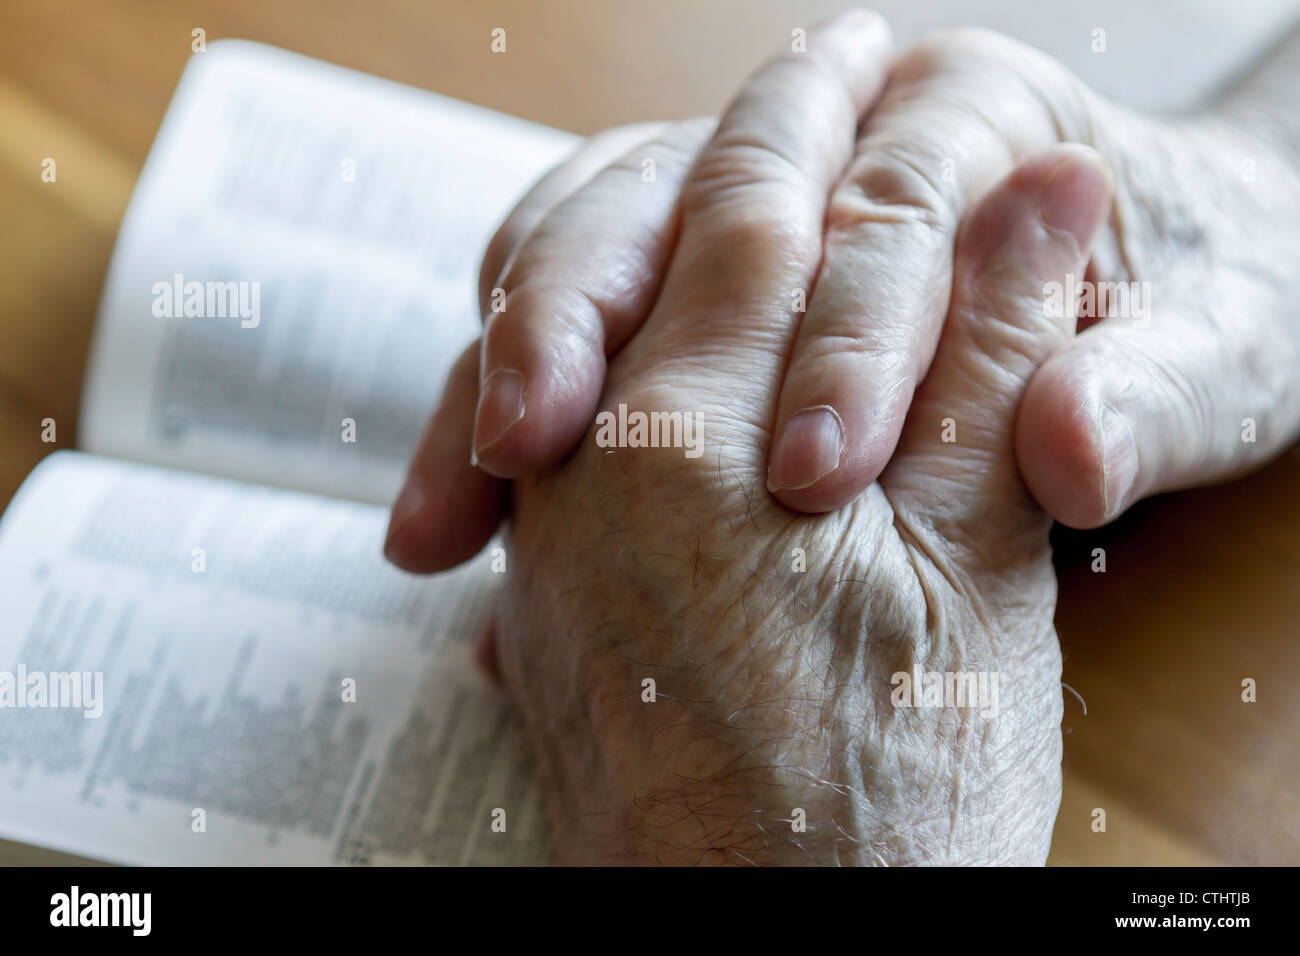 Weathered old man's mani giunte in preghiera sulla Bibbia aperta Immagini Stock